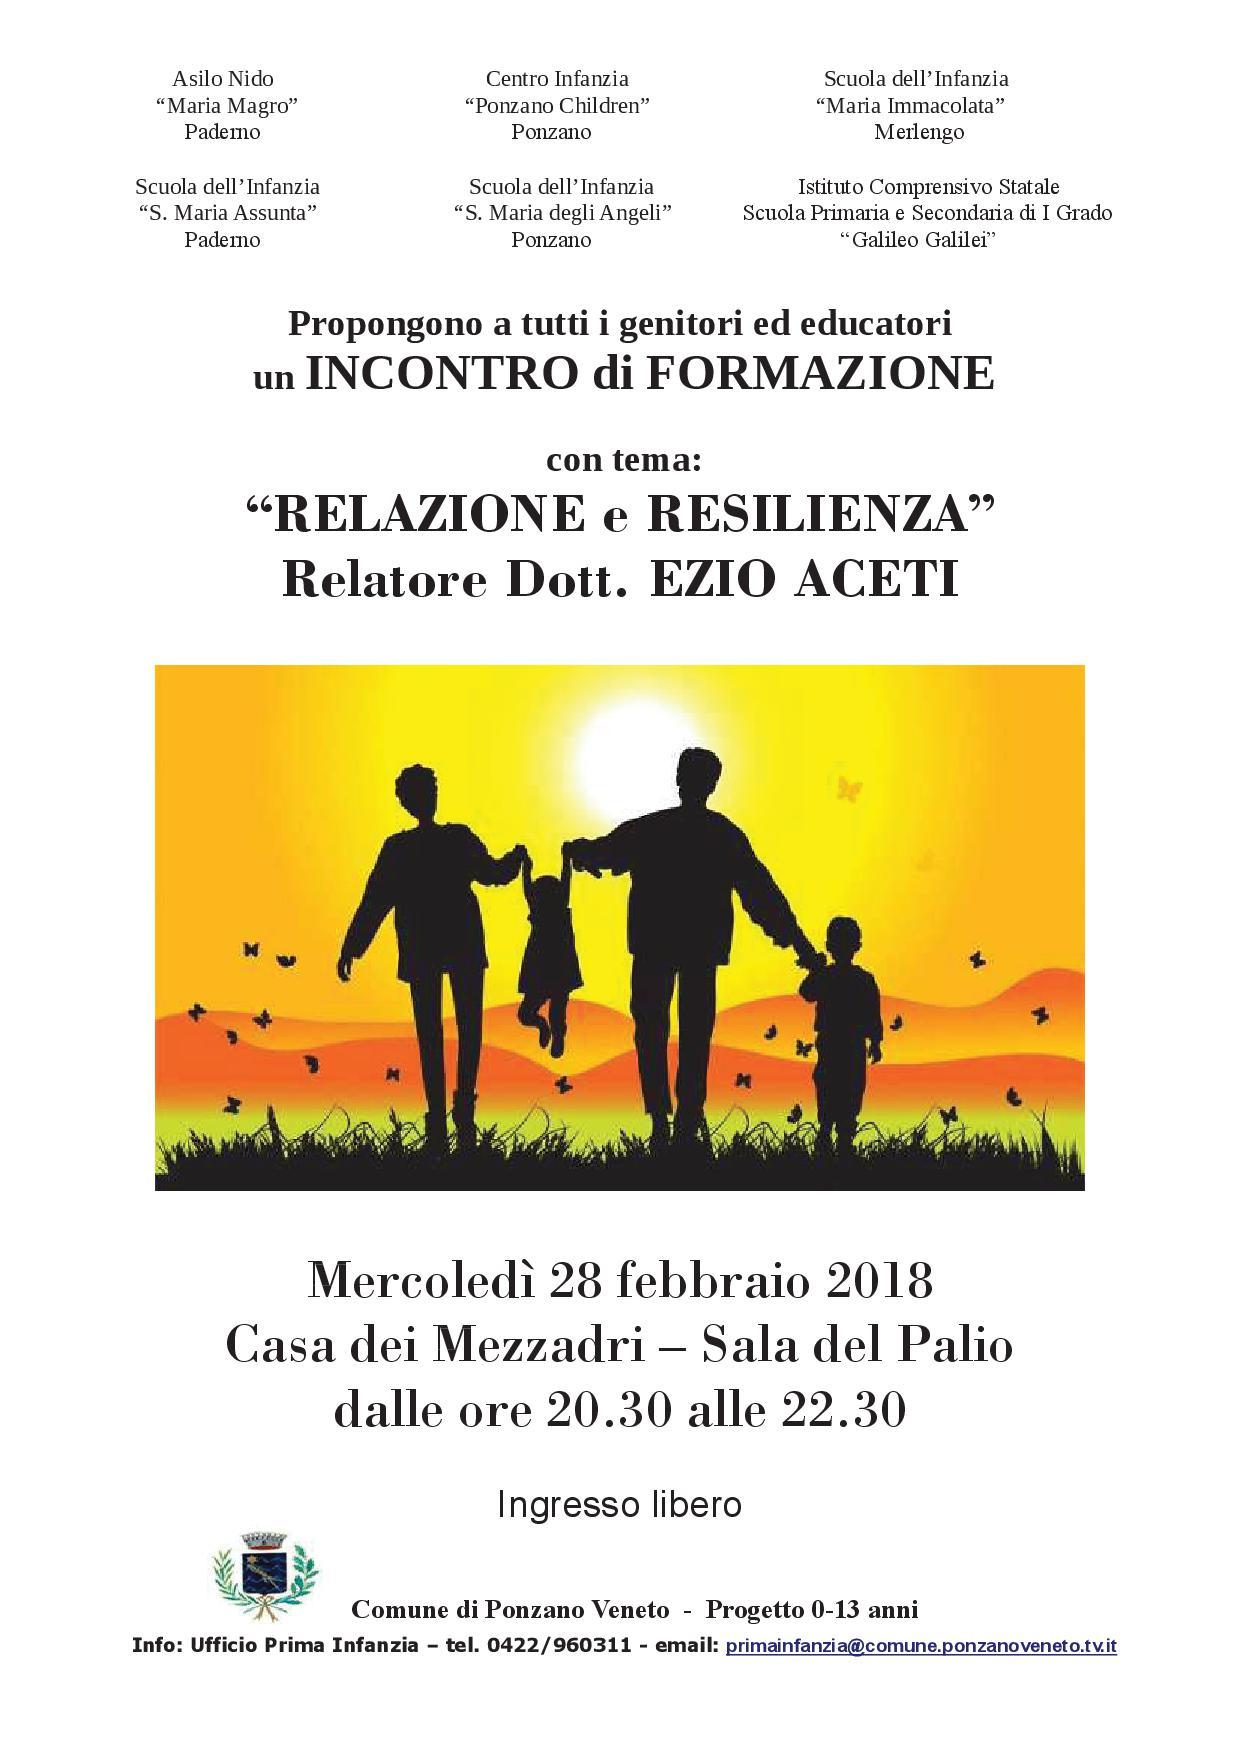 Comune Di Ponzano Veneto relazione e resilienza – collaborazione pastorale ponzano veneto